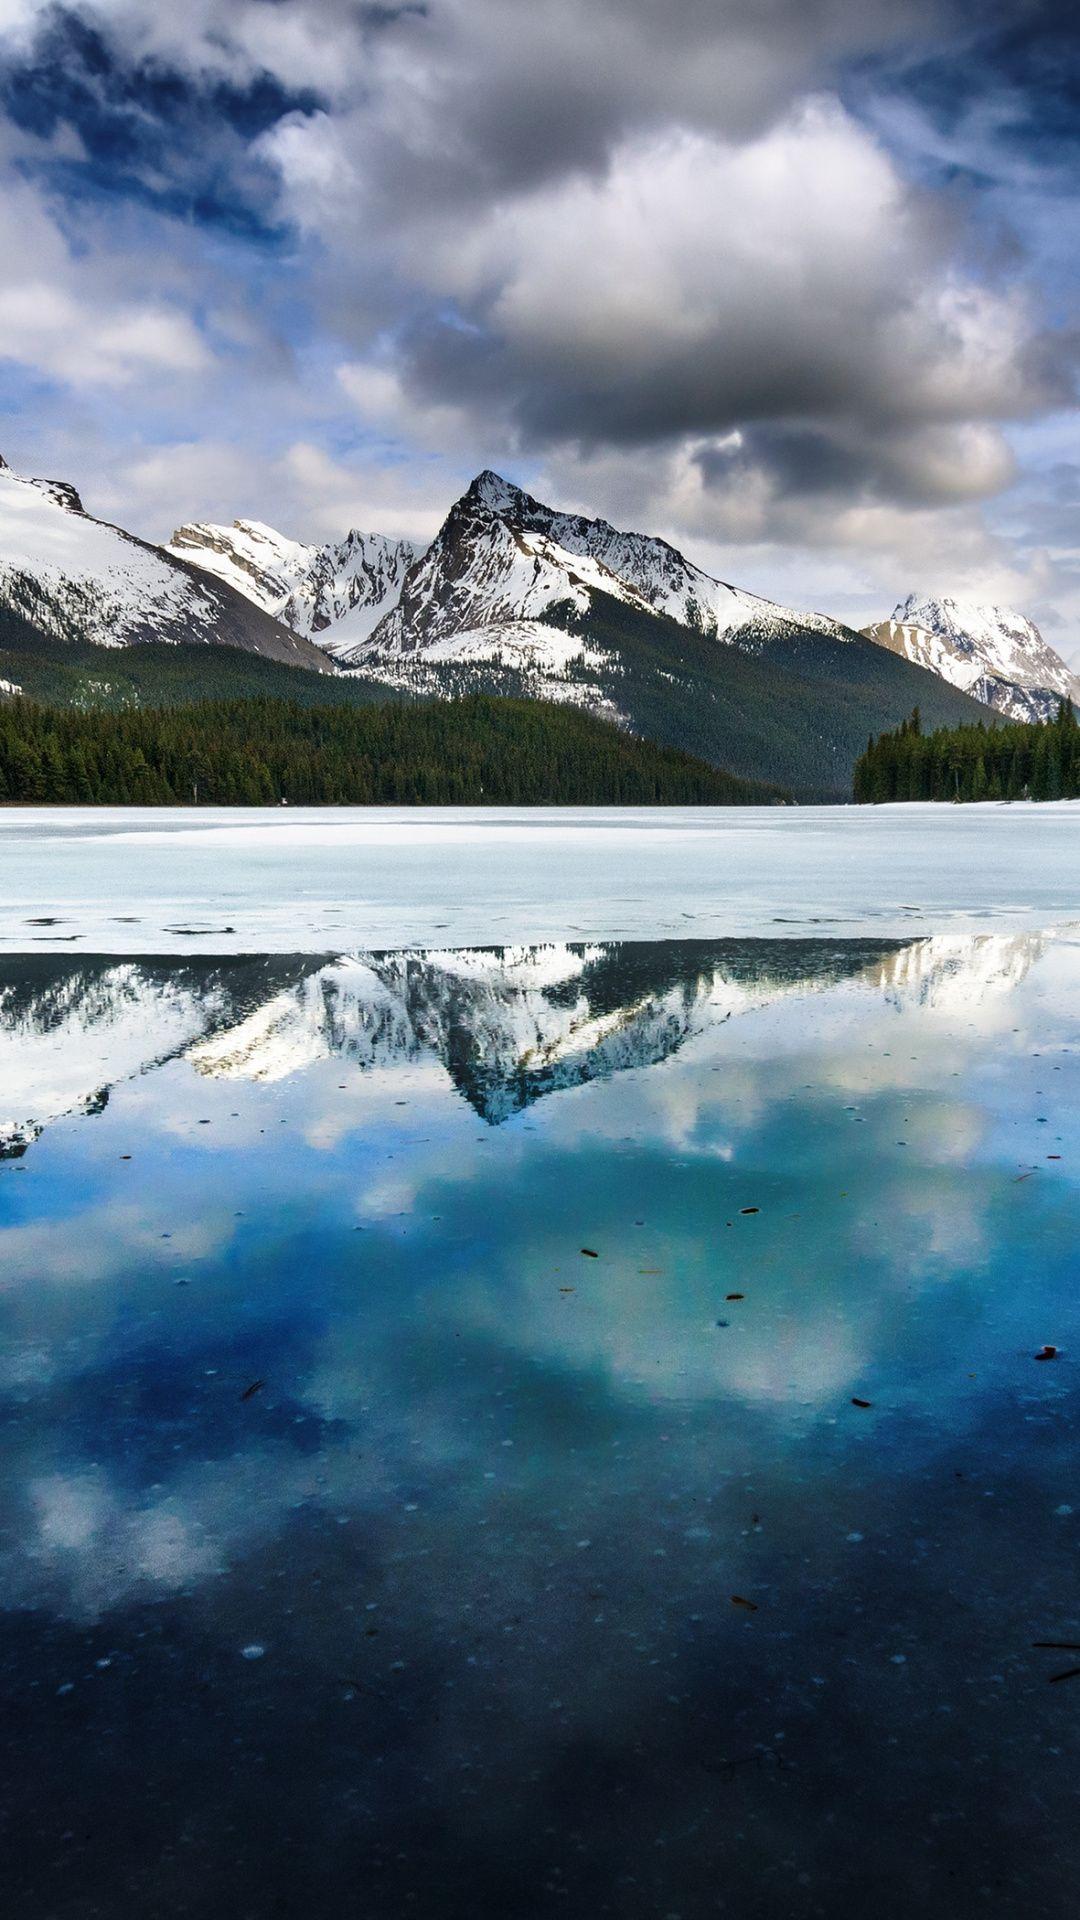 Mountain Scenery Iphone X